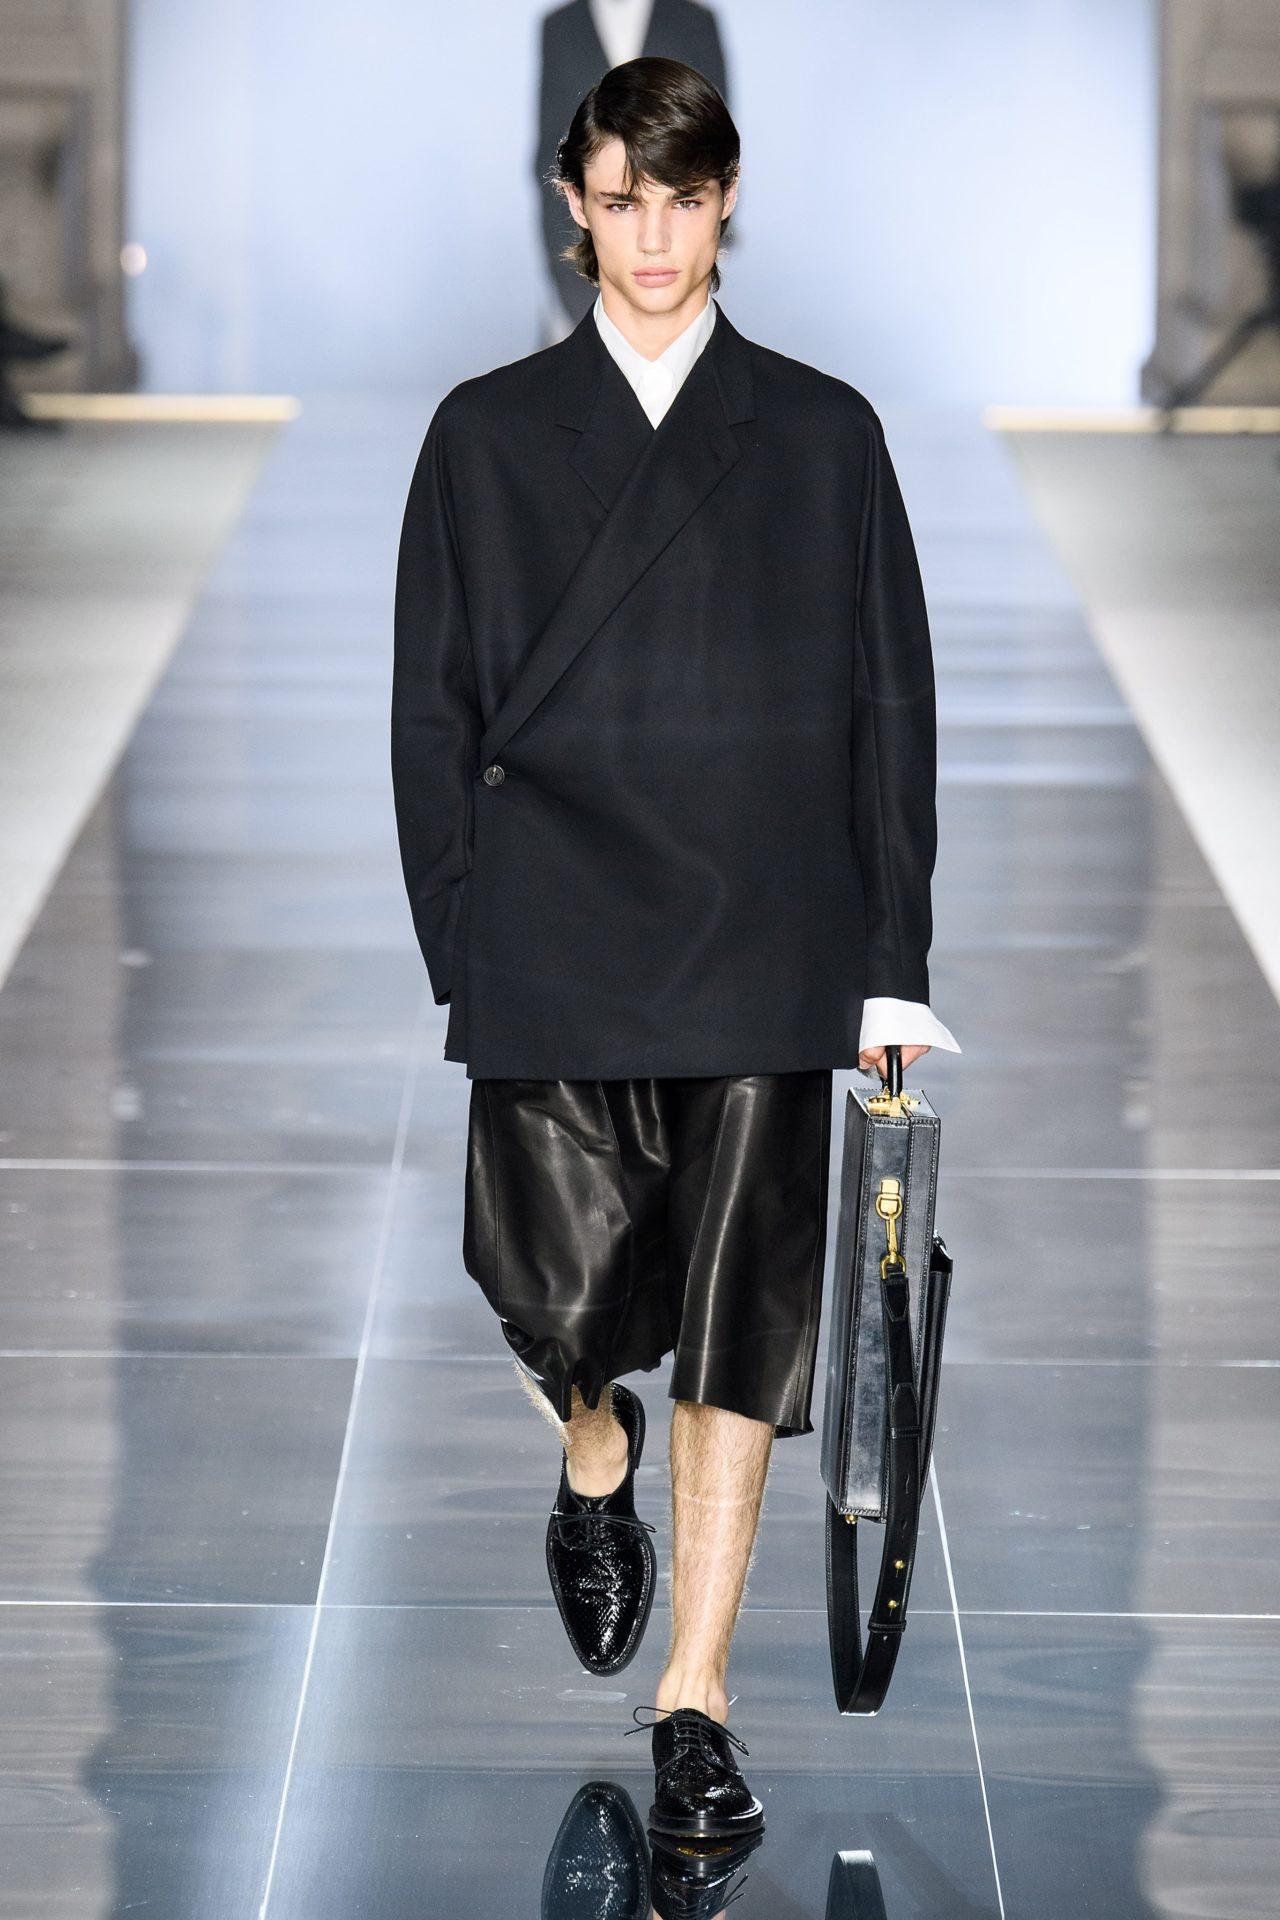 Männermode-Trends für den Sommer 2020